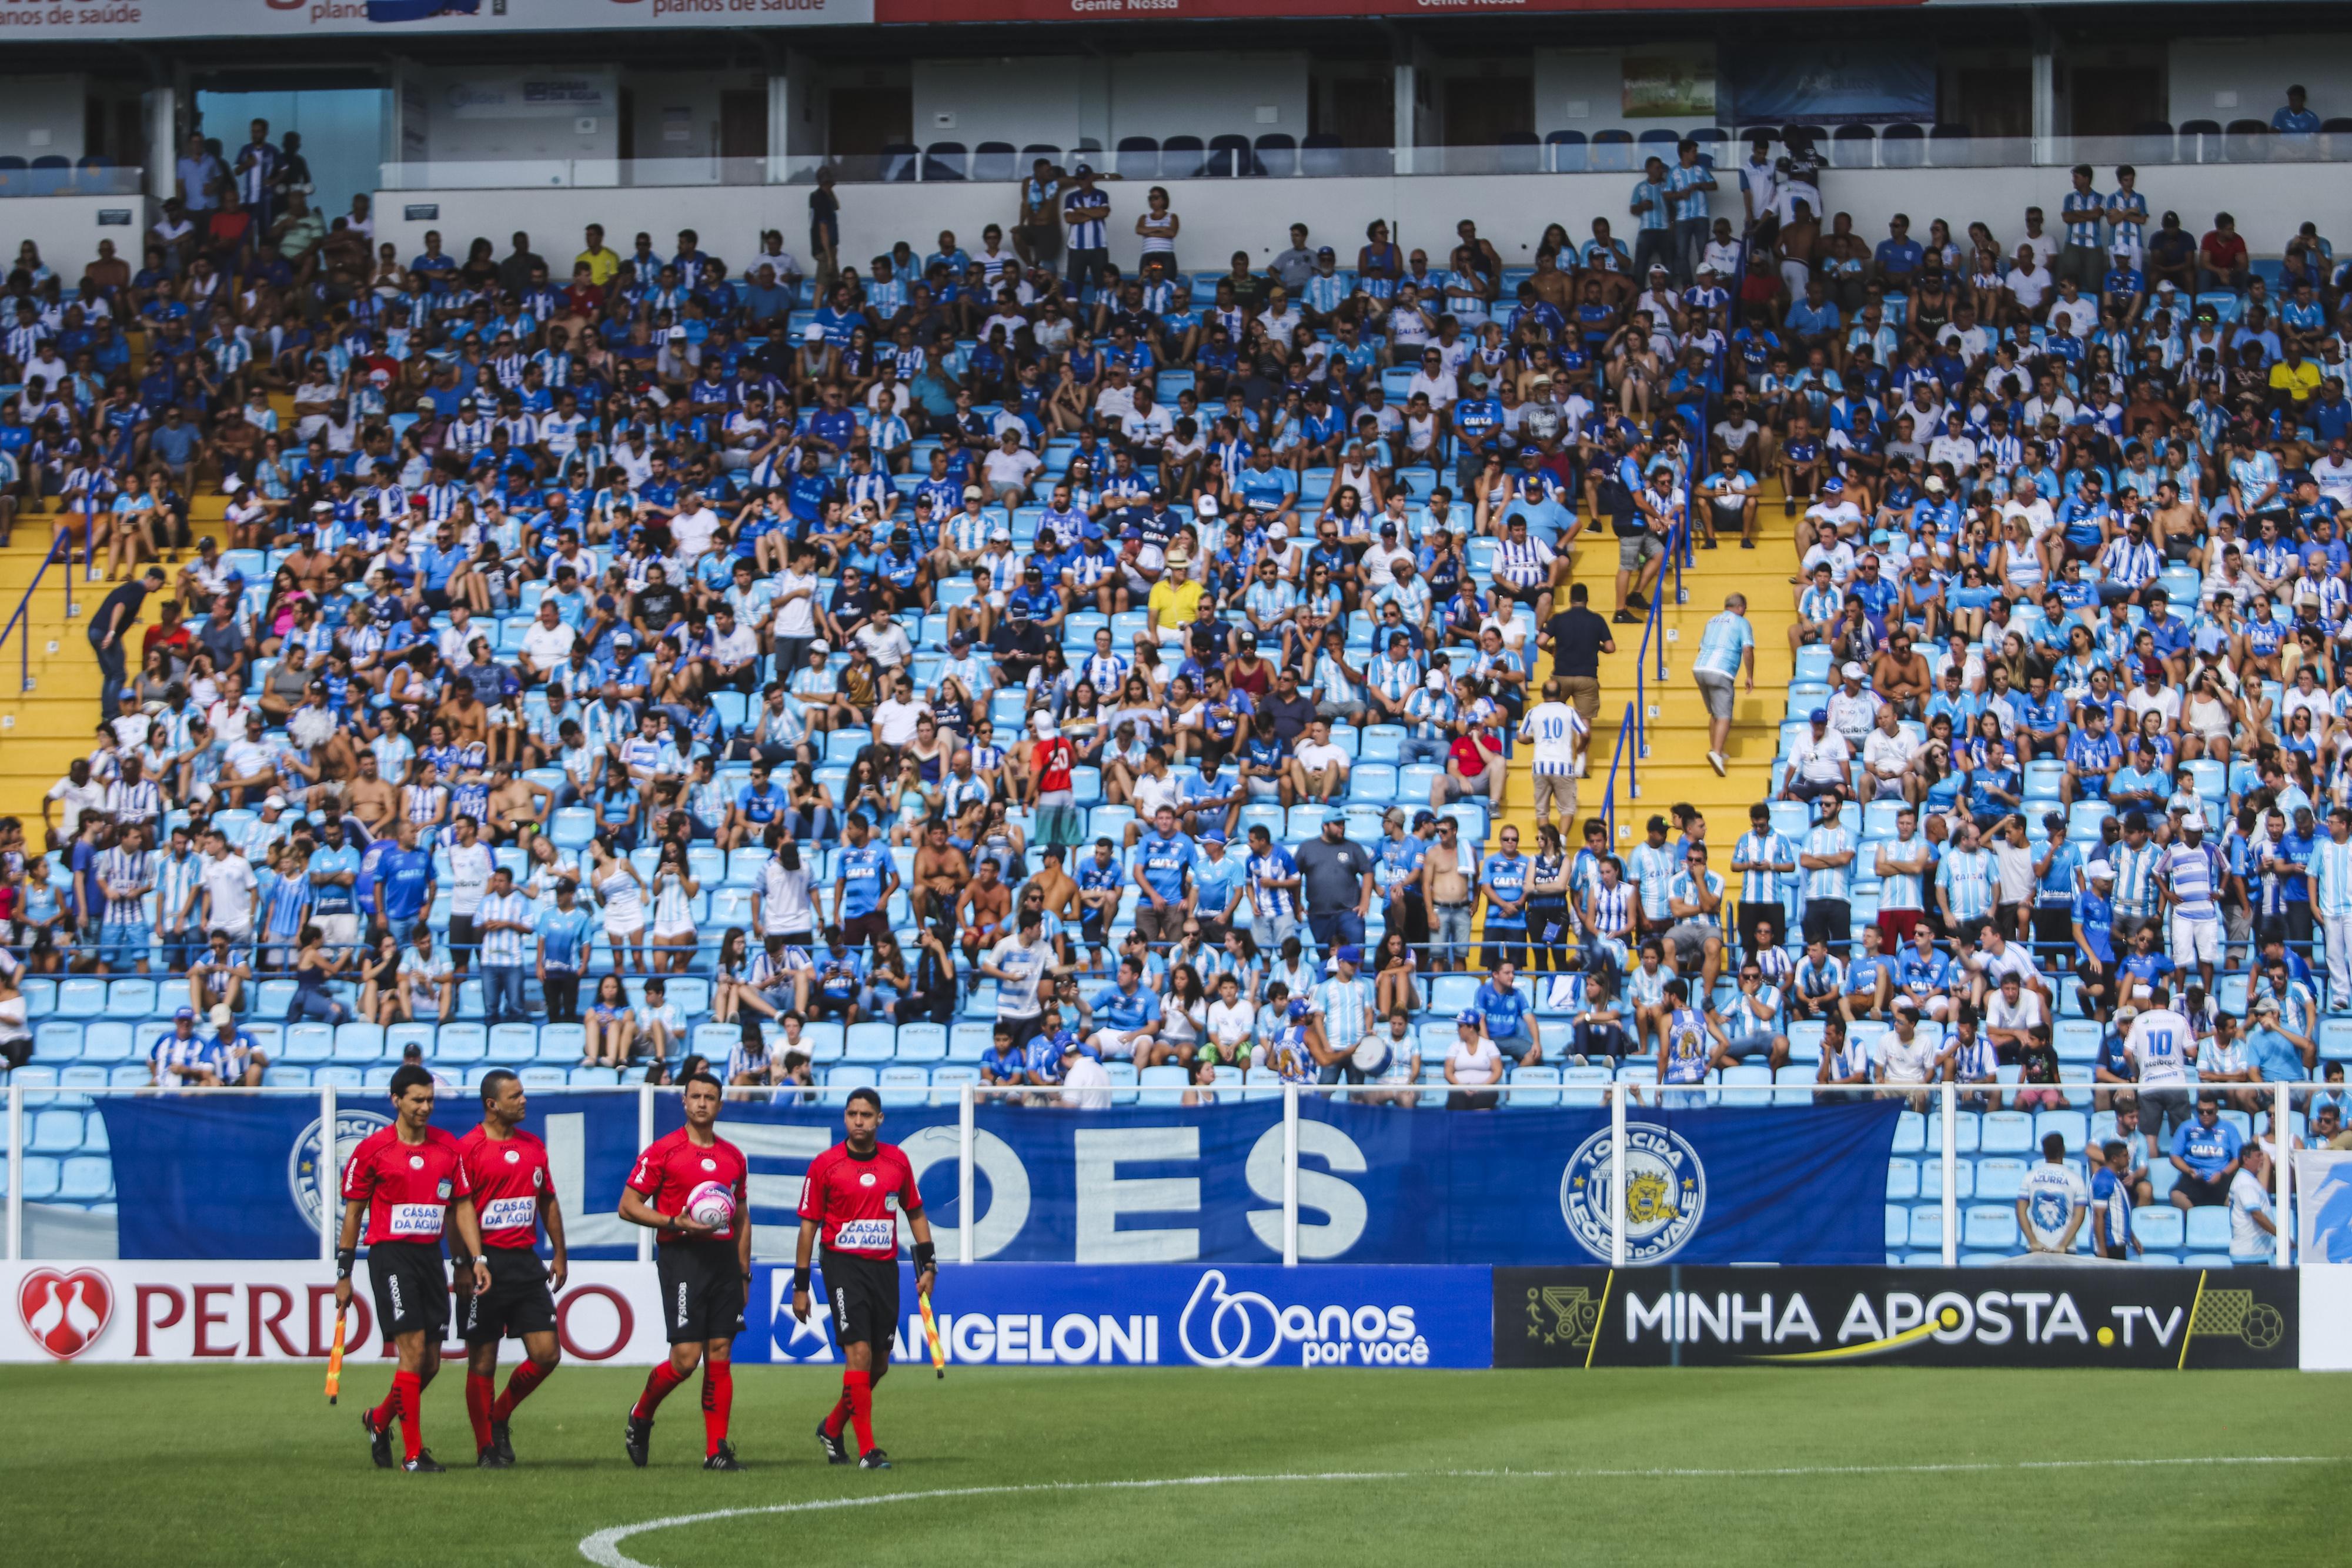 Retorno dos torcedores aos estádios de futebol do Brasil, sem maiores riscos, ainda pode demorar para acontecer – Foto: Daniel Queiroz/ND